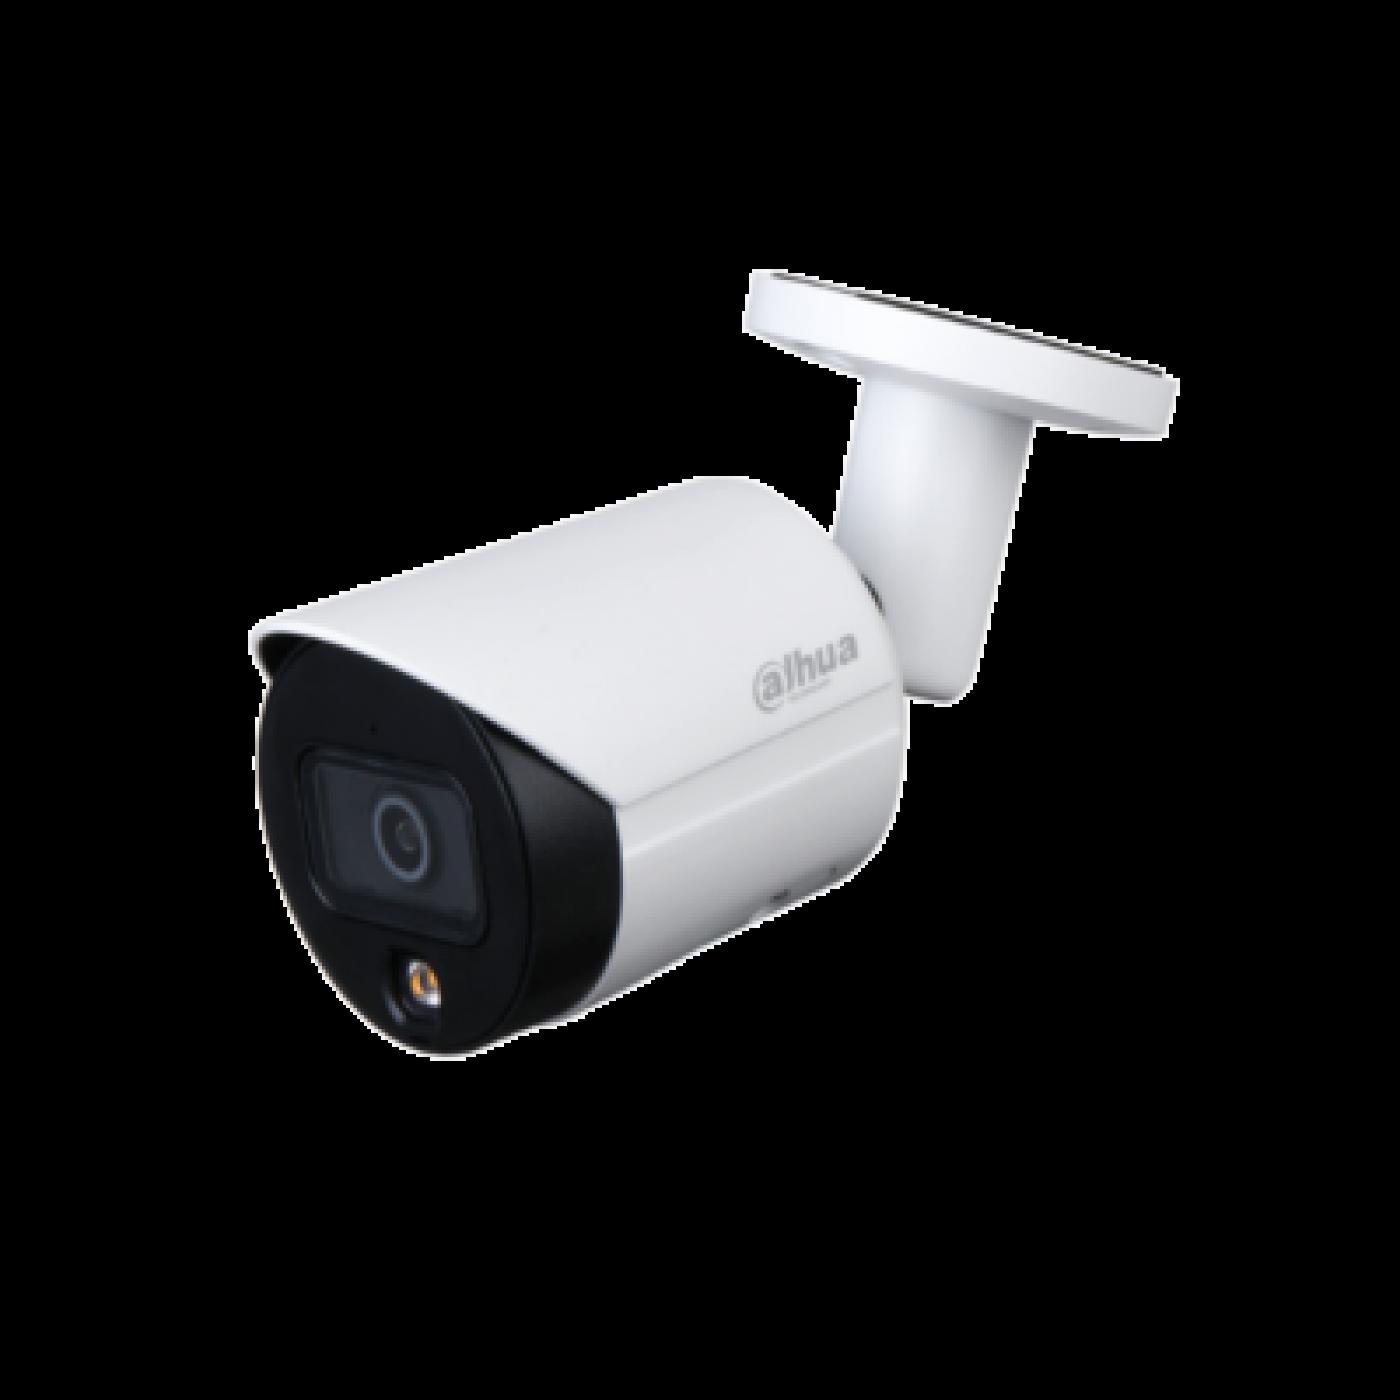 DH-IPC-HFW2439SP-SA-LED-0360B